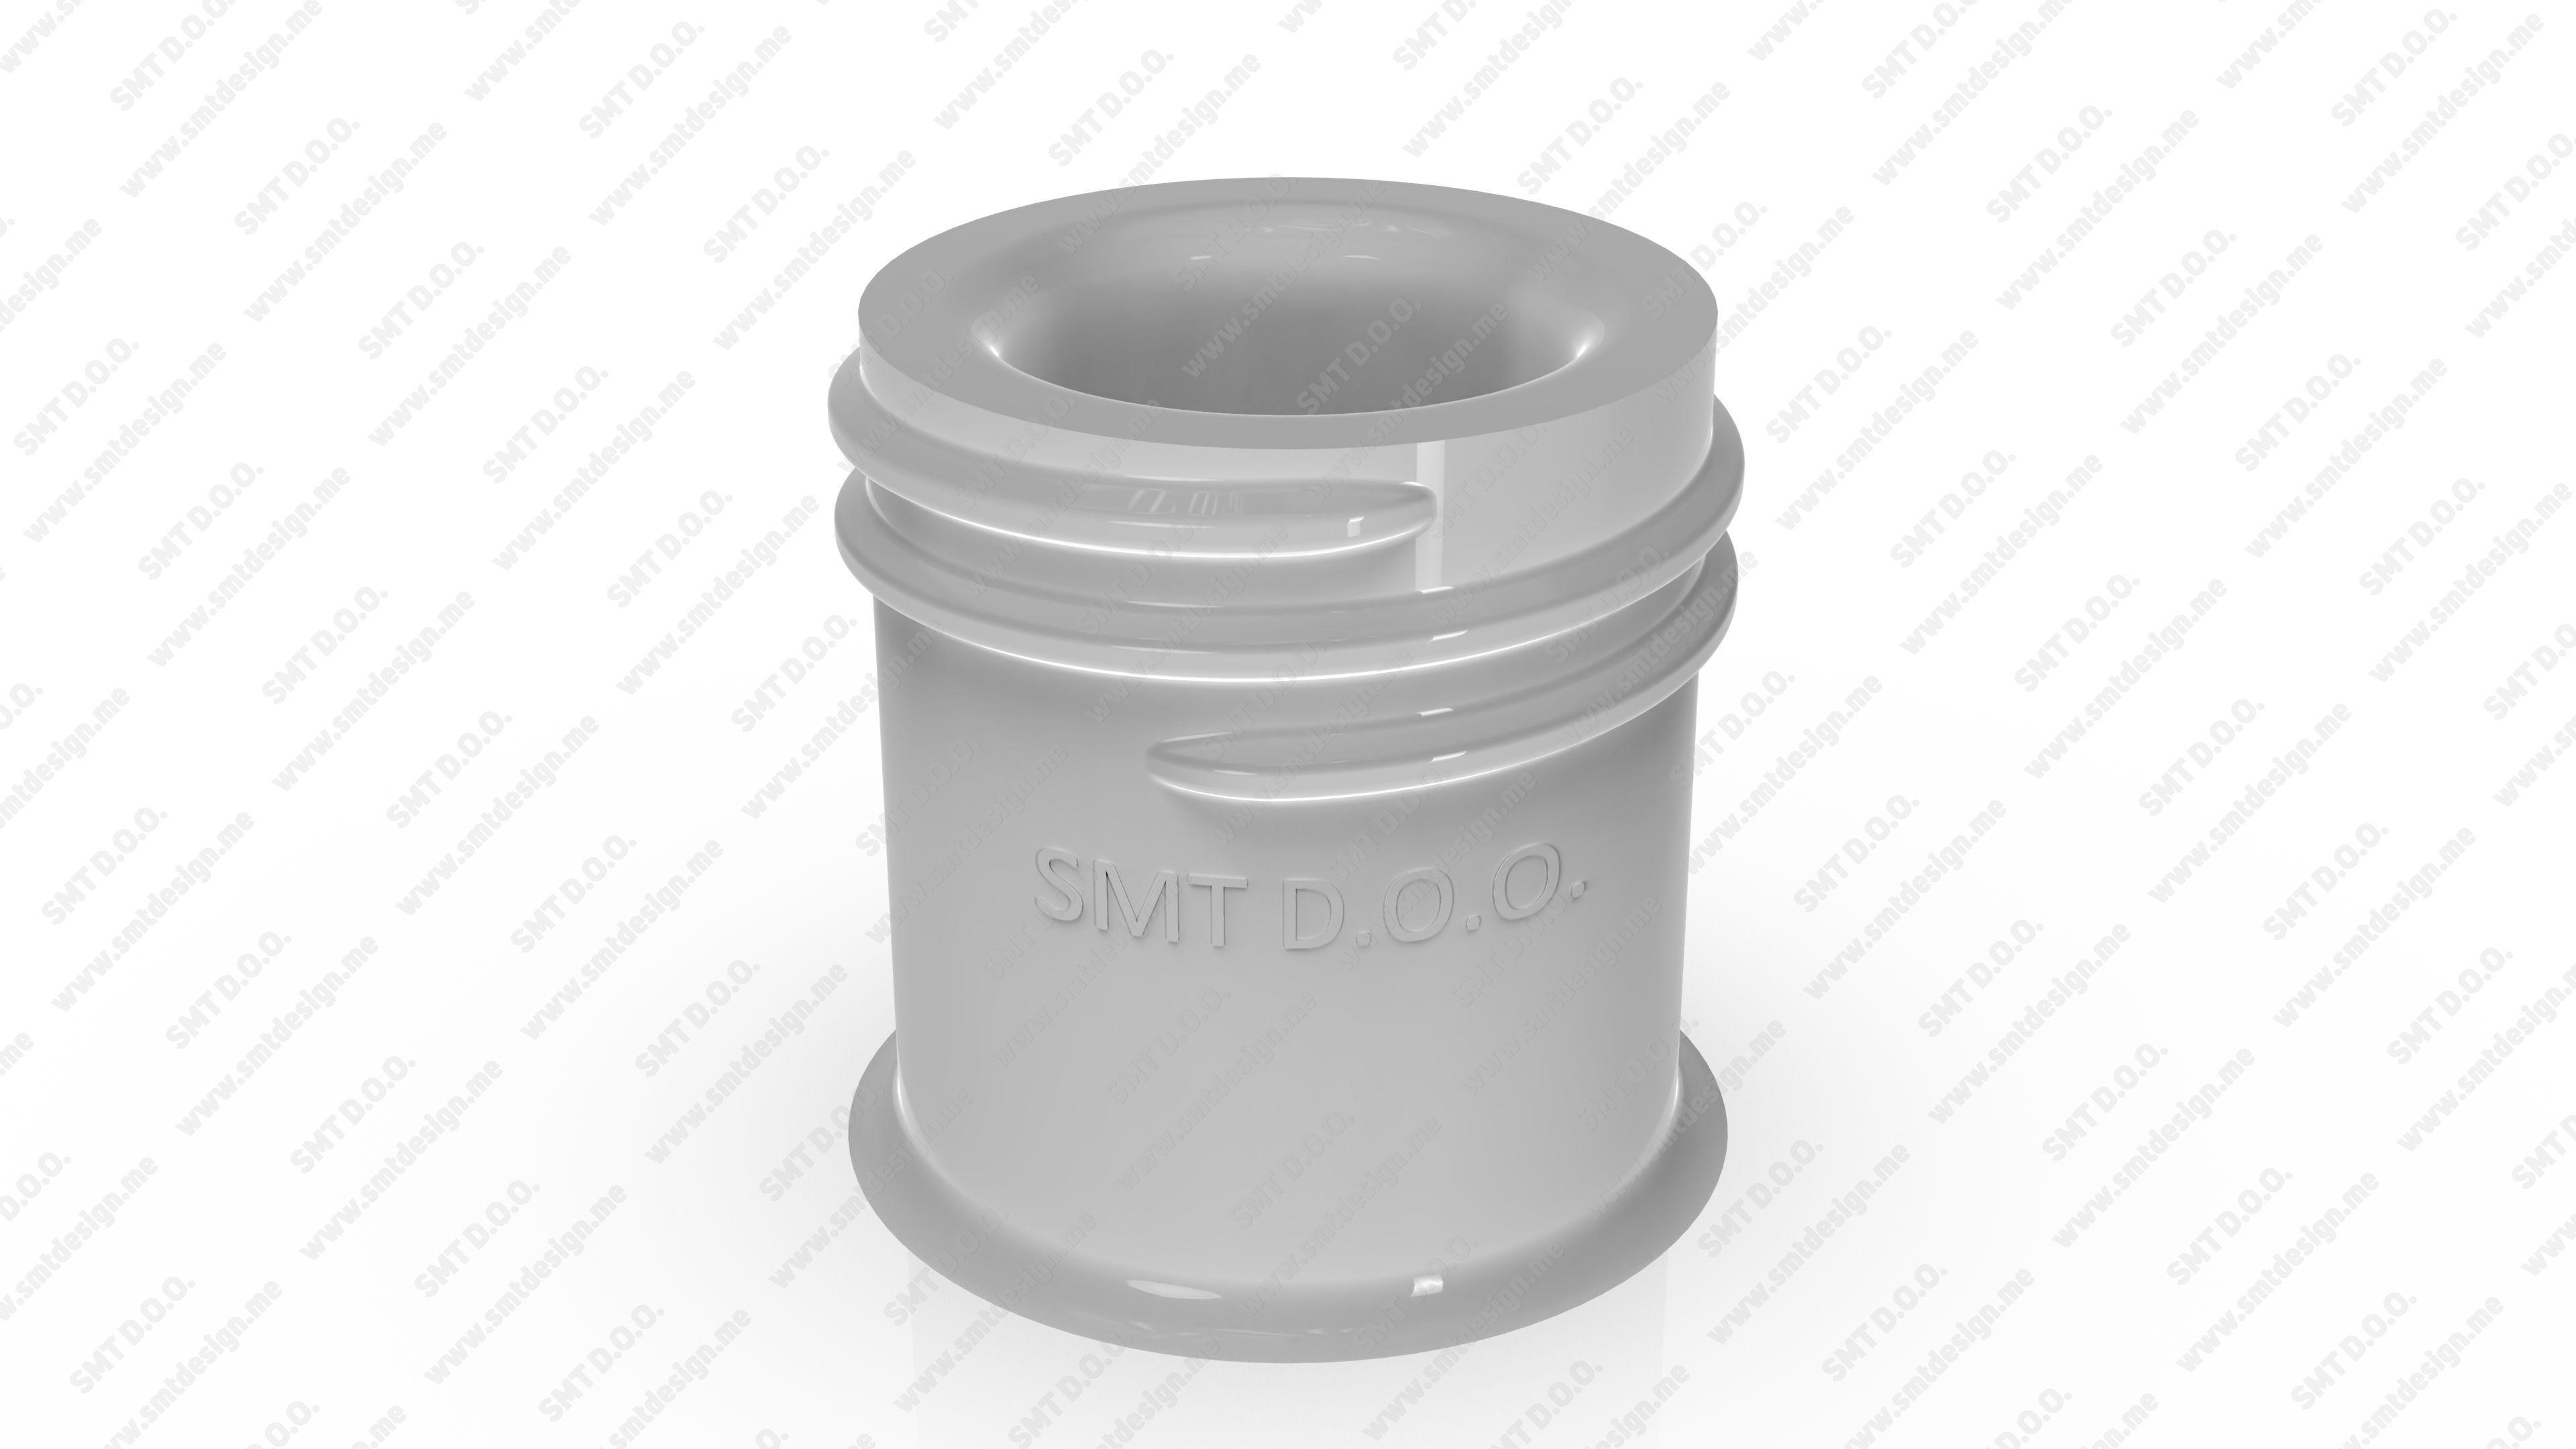 Neck of PET Preform - SP - 415 - 33 - L